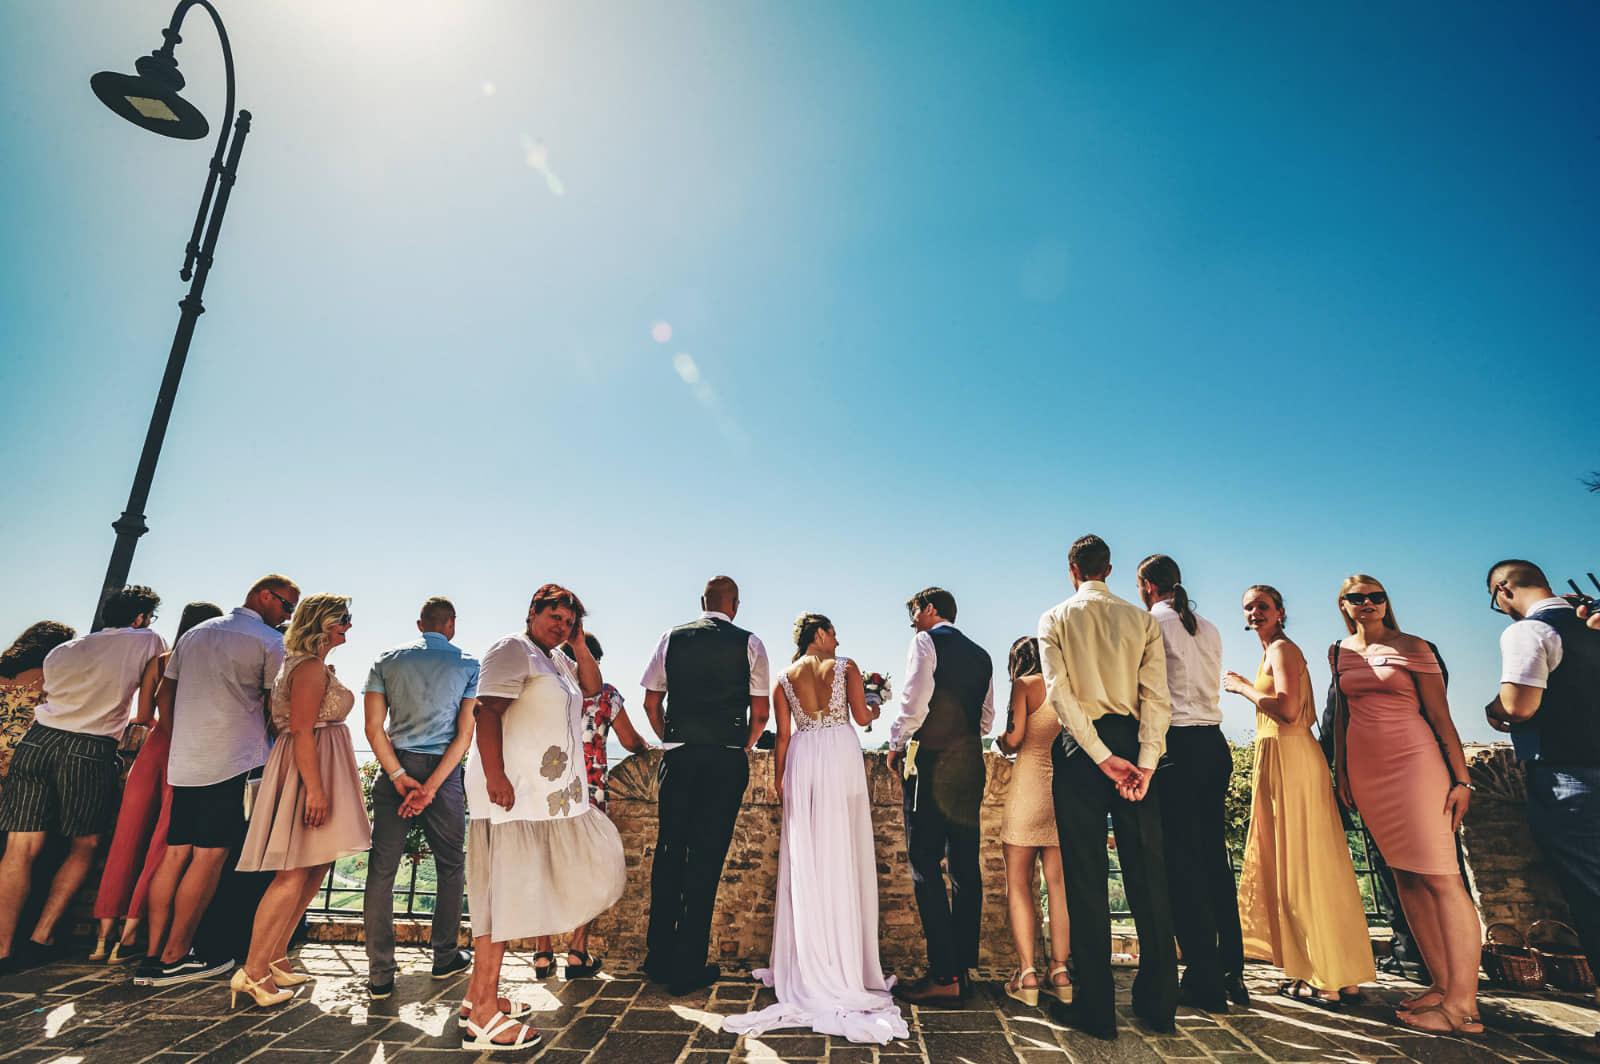 Svatby roku 2019 - Obrázek č. 25